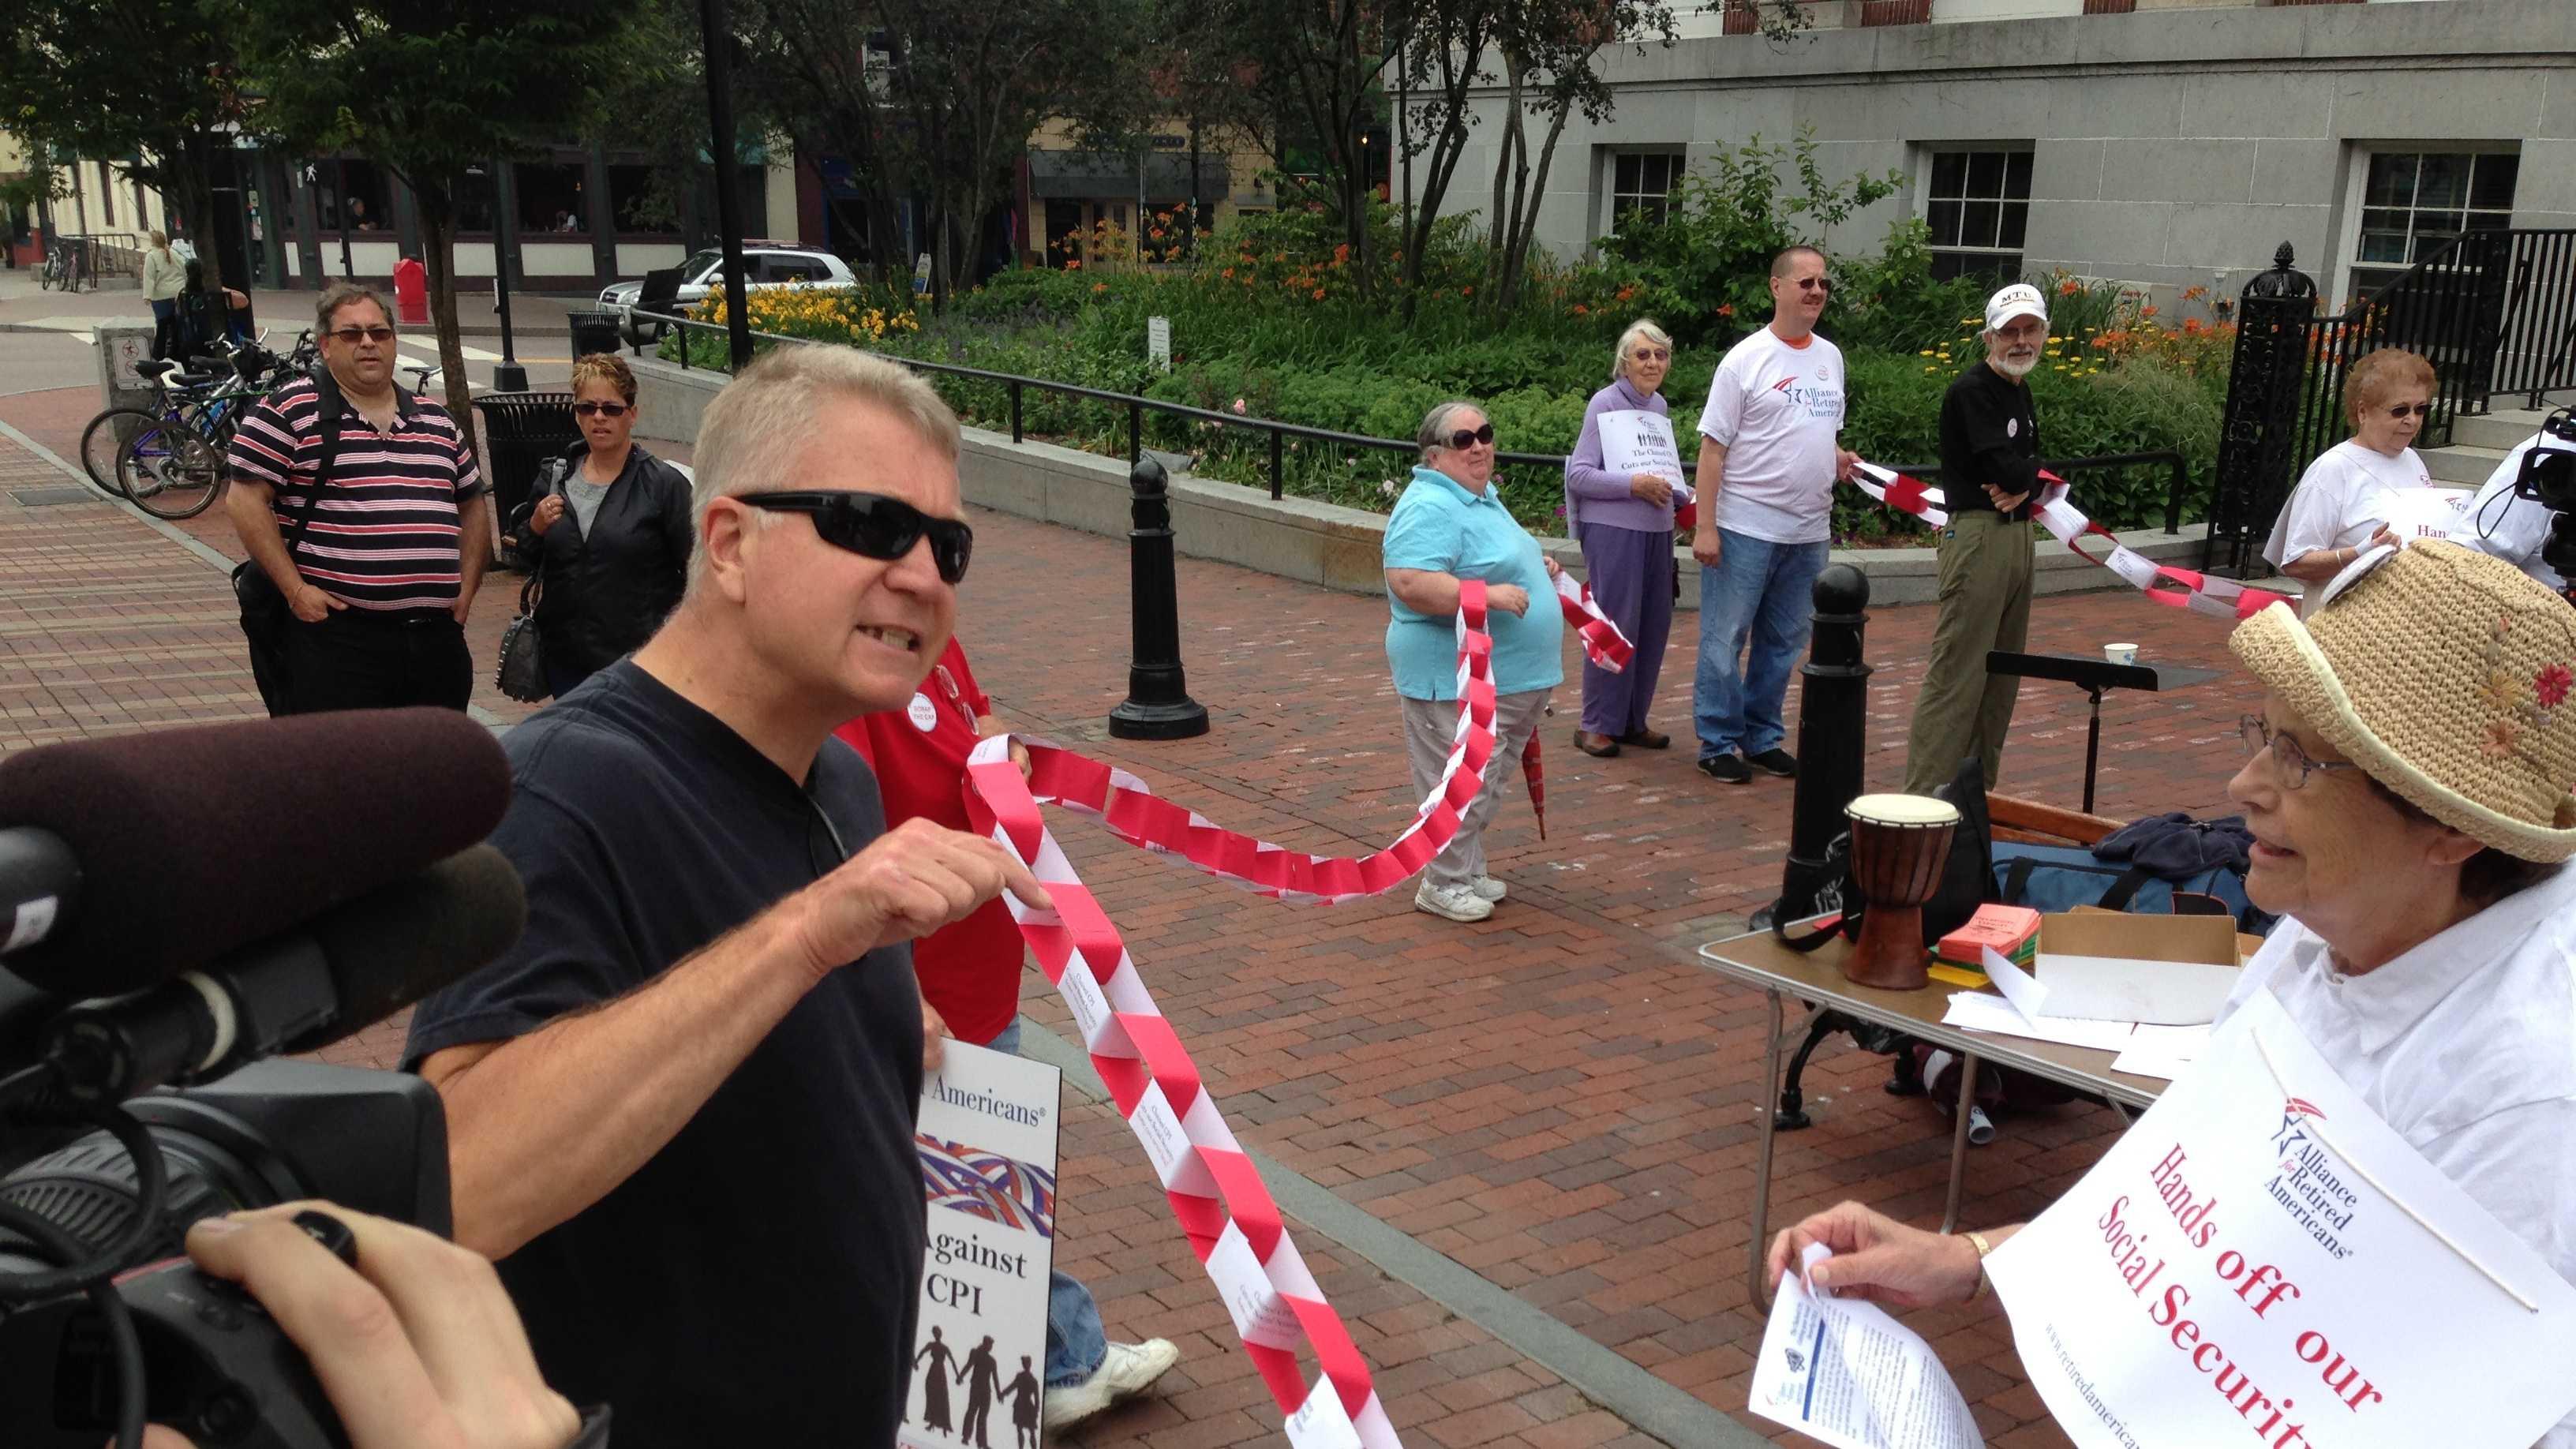 07-02-13 Senior protest BTV - img